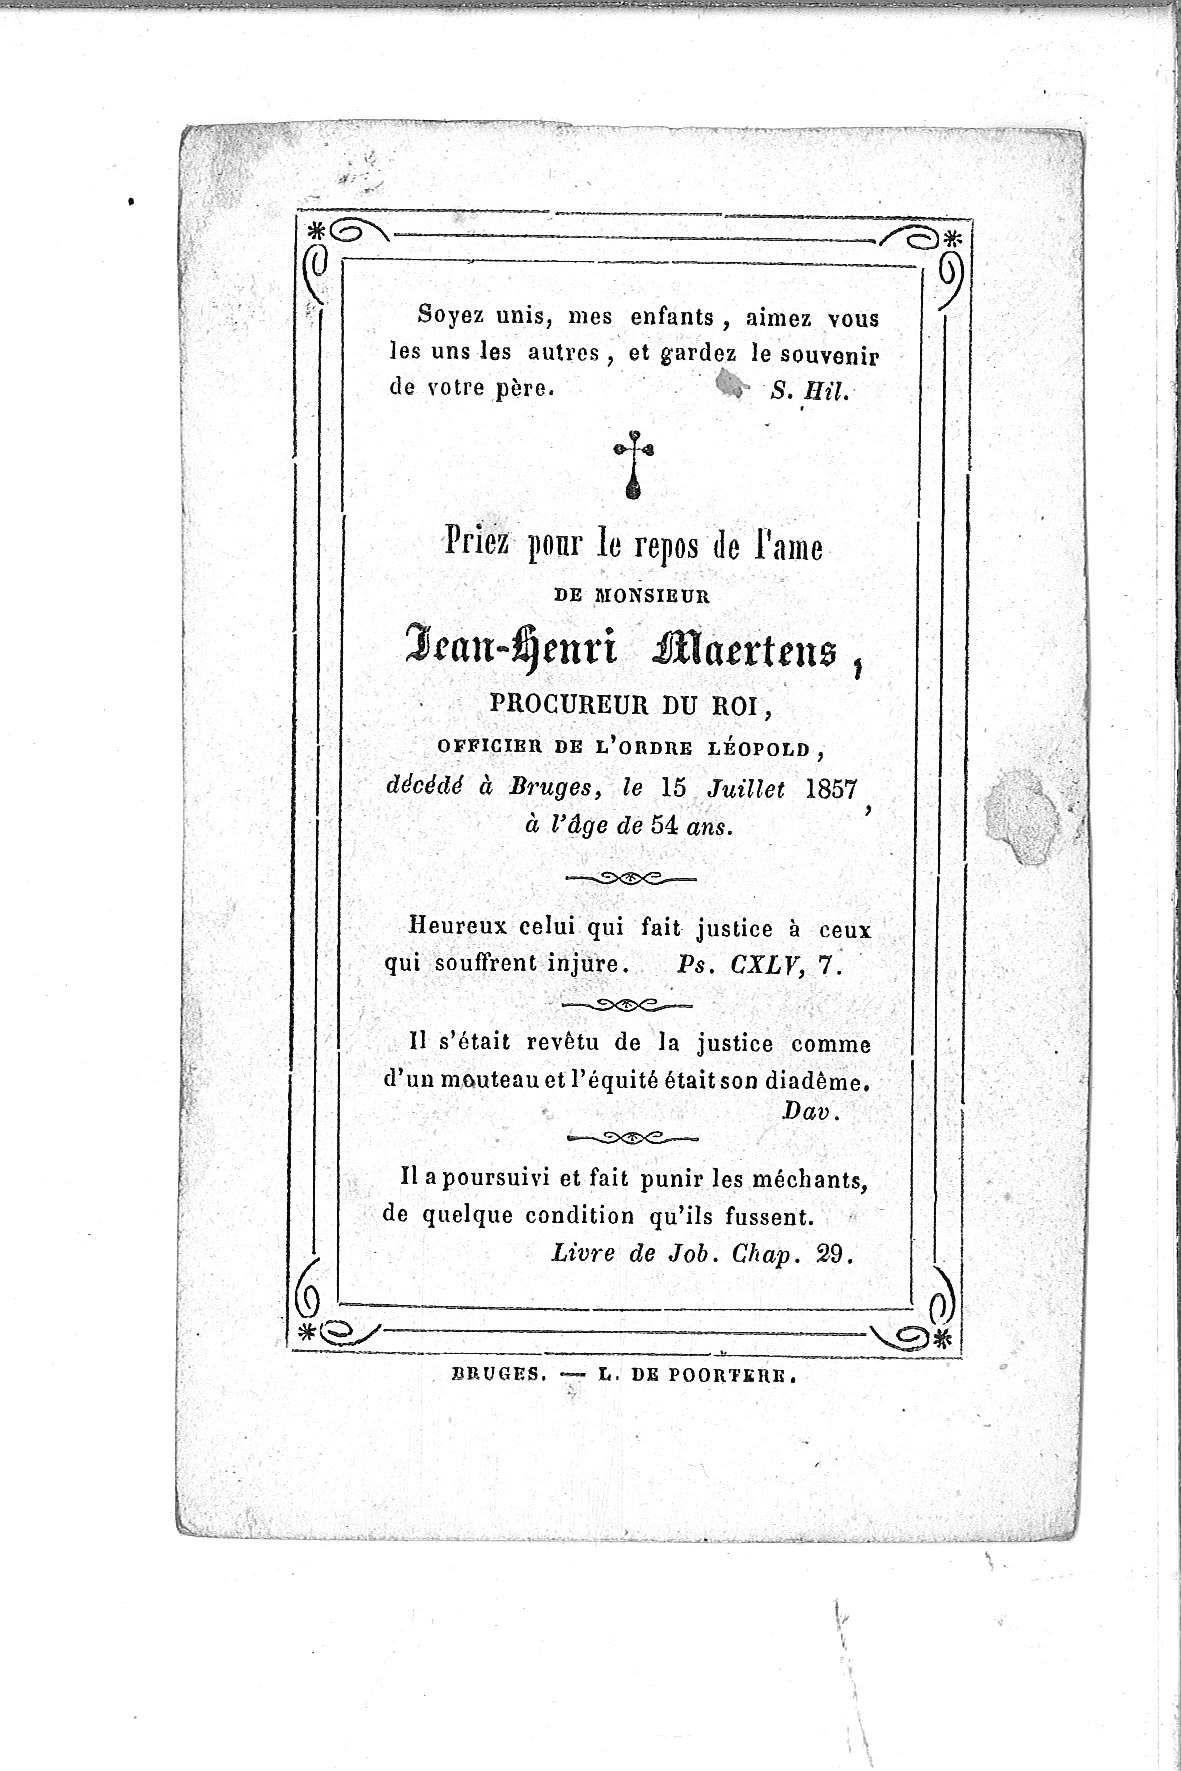 Jean-Henri(1857)20131203161552_00021.jpg